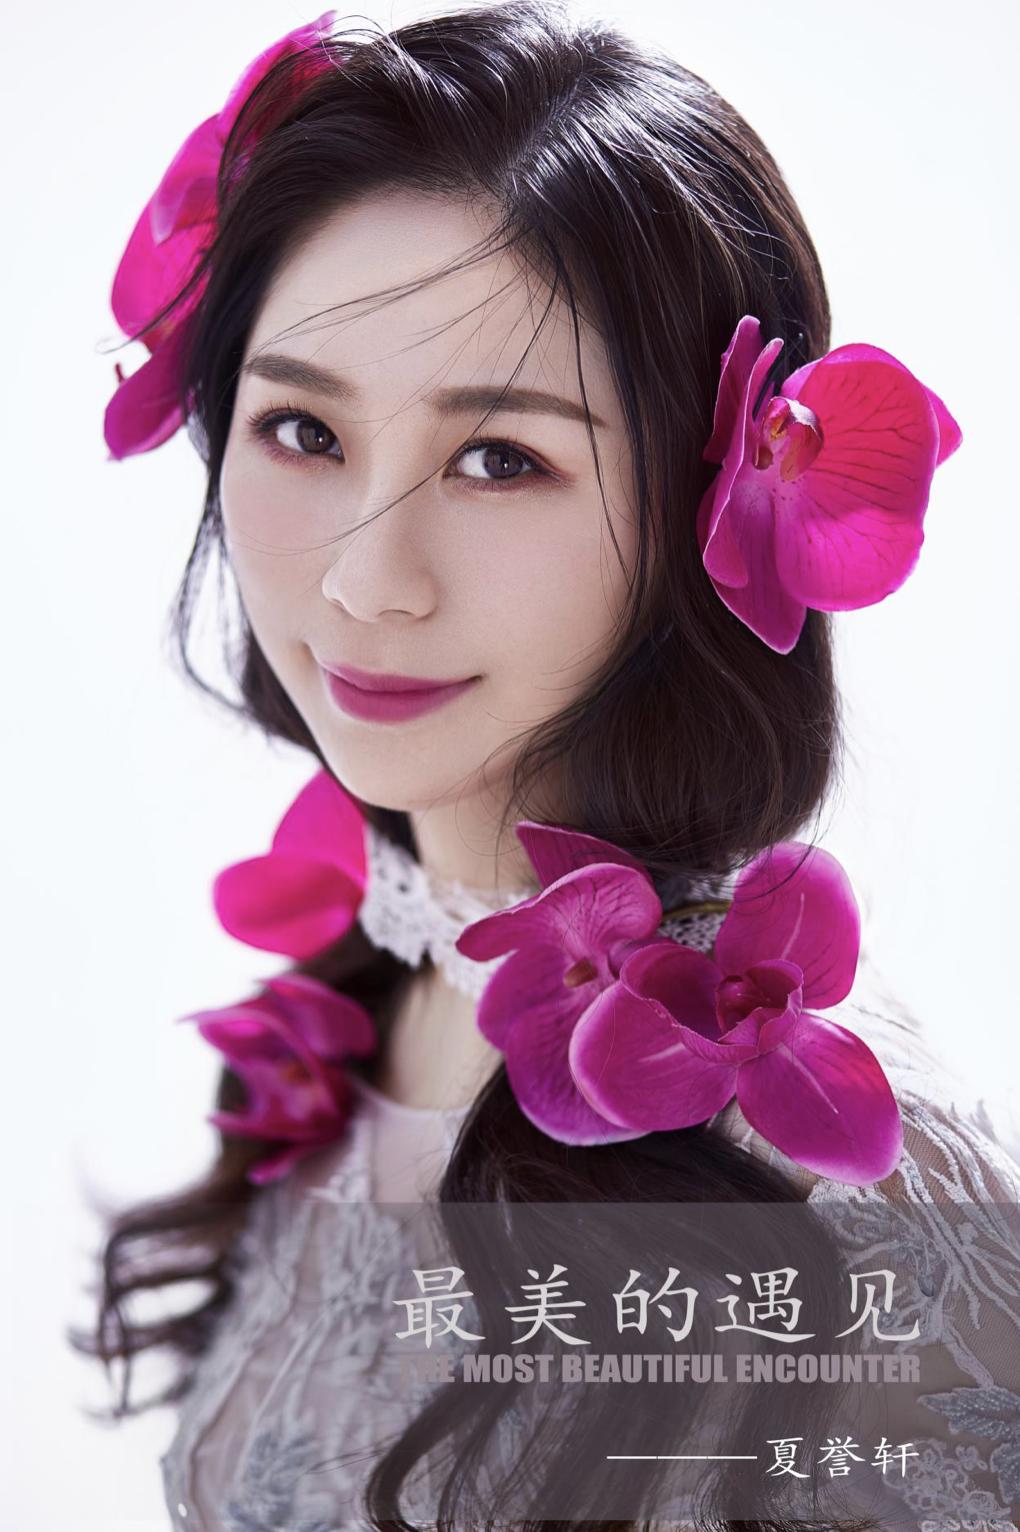 夏誉轩携首支个人原创单曲《最美的遇见》及MV强势登陆腾讯